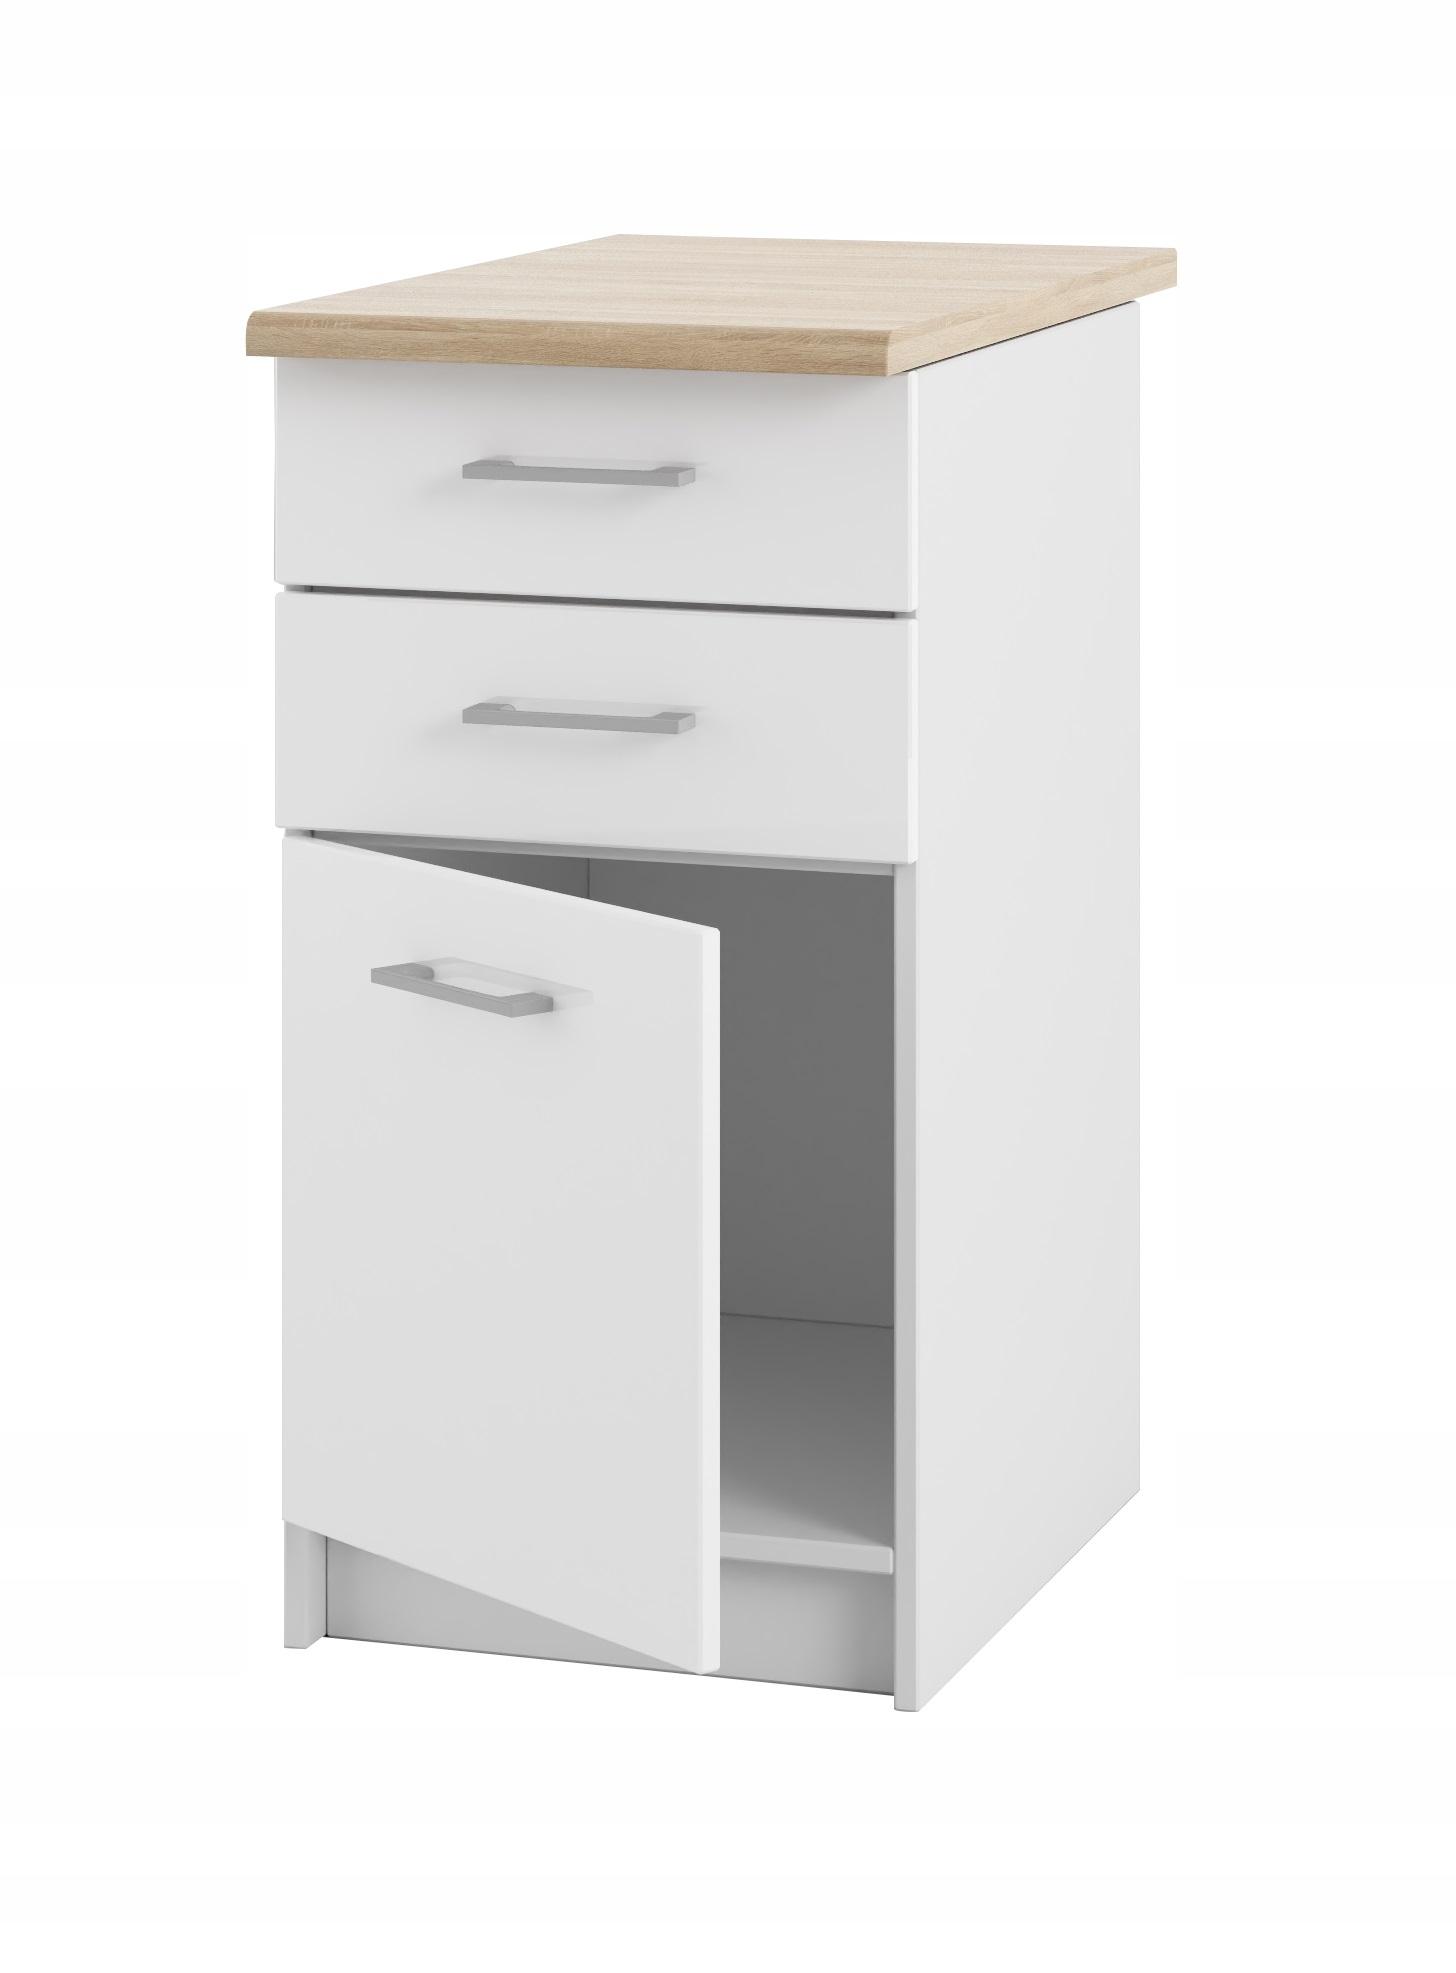 Шкаф кухонная 40 ящик Белый лак со столешницей